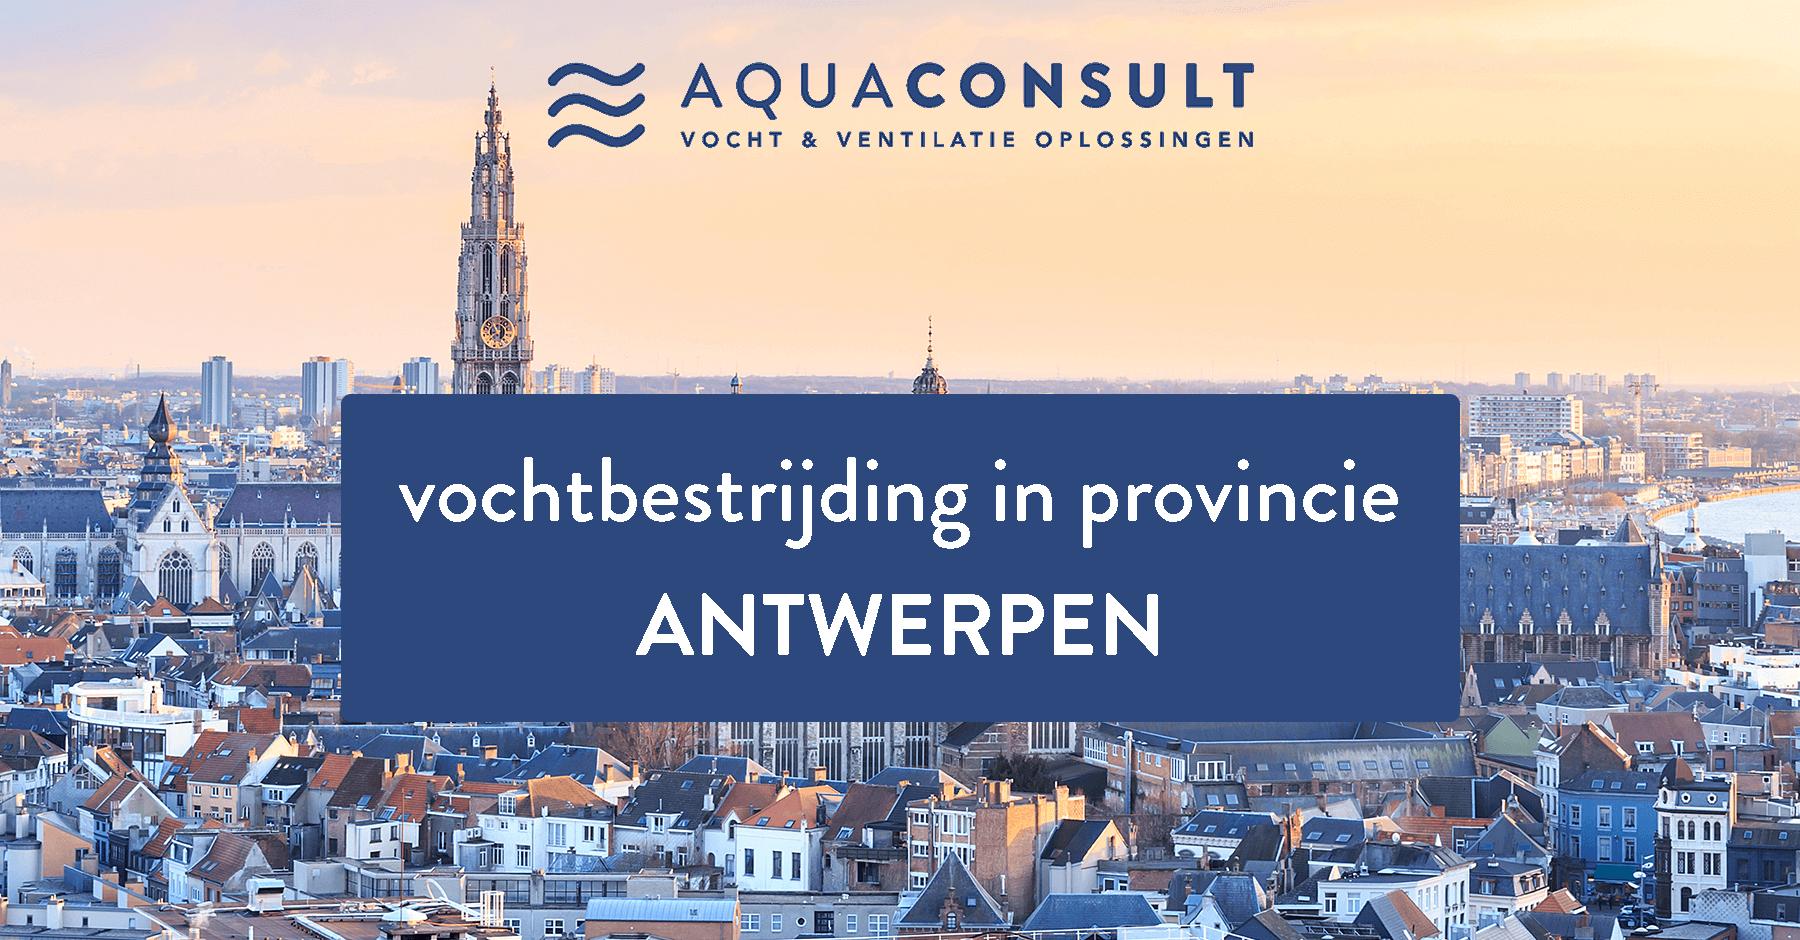 Vochtbestrijding in provincie Antwerpen